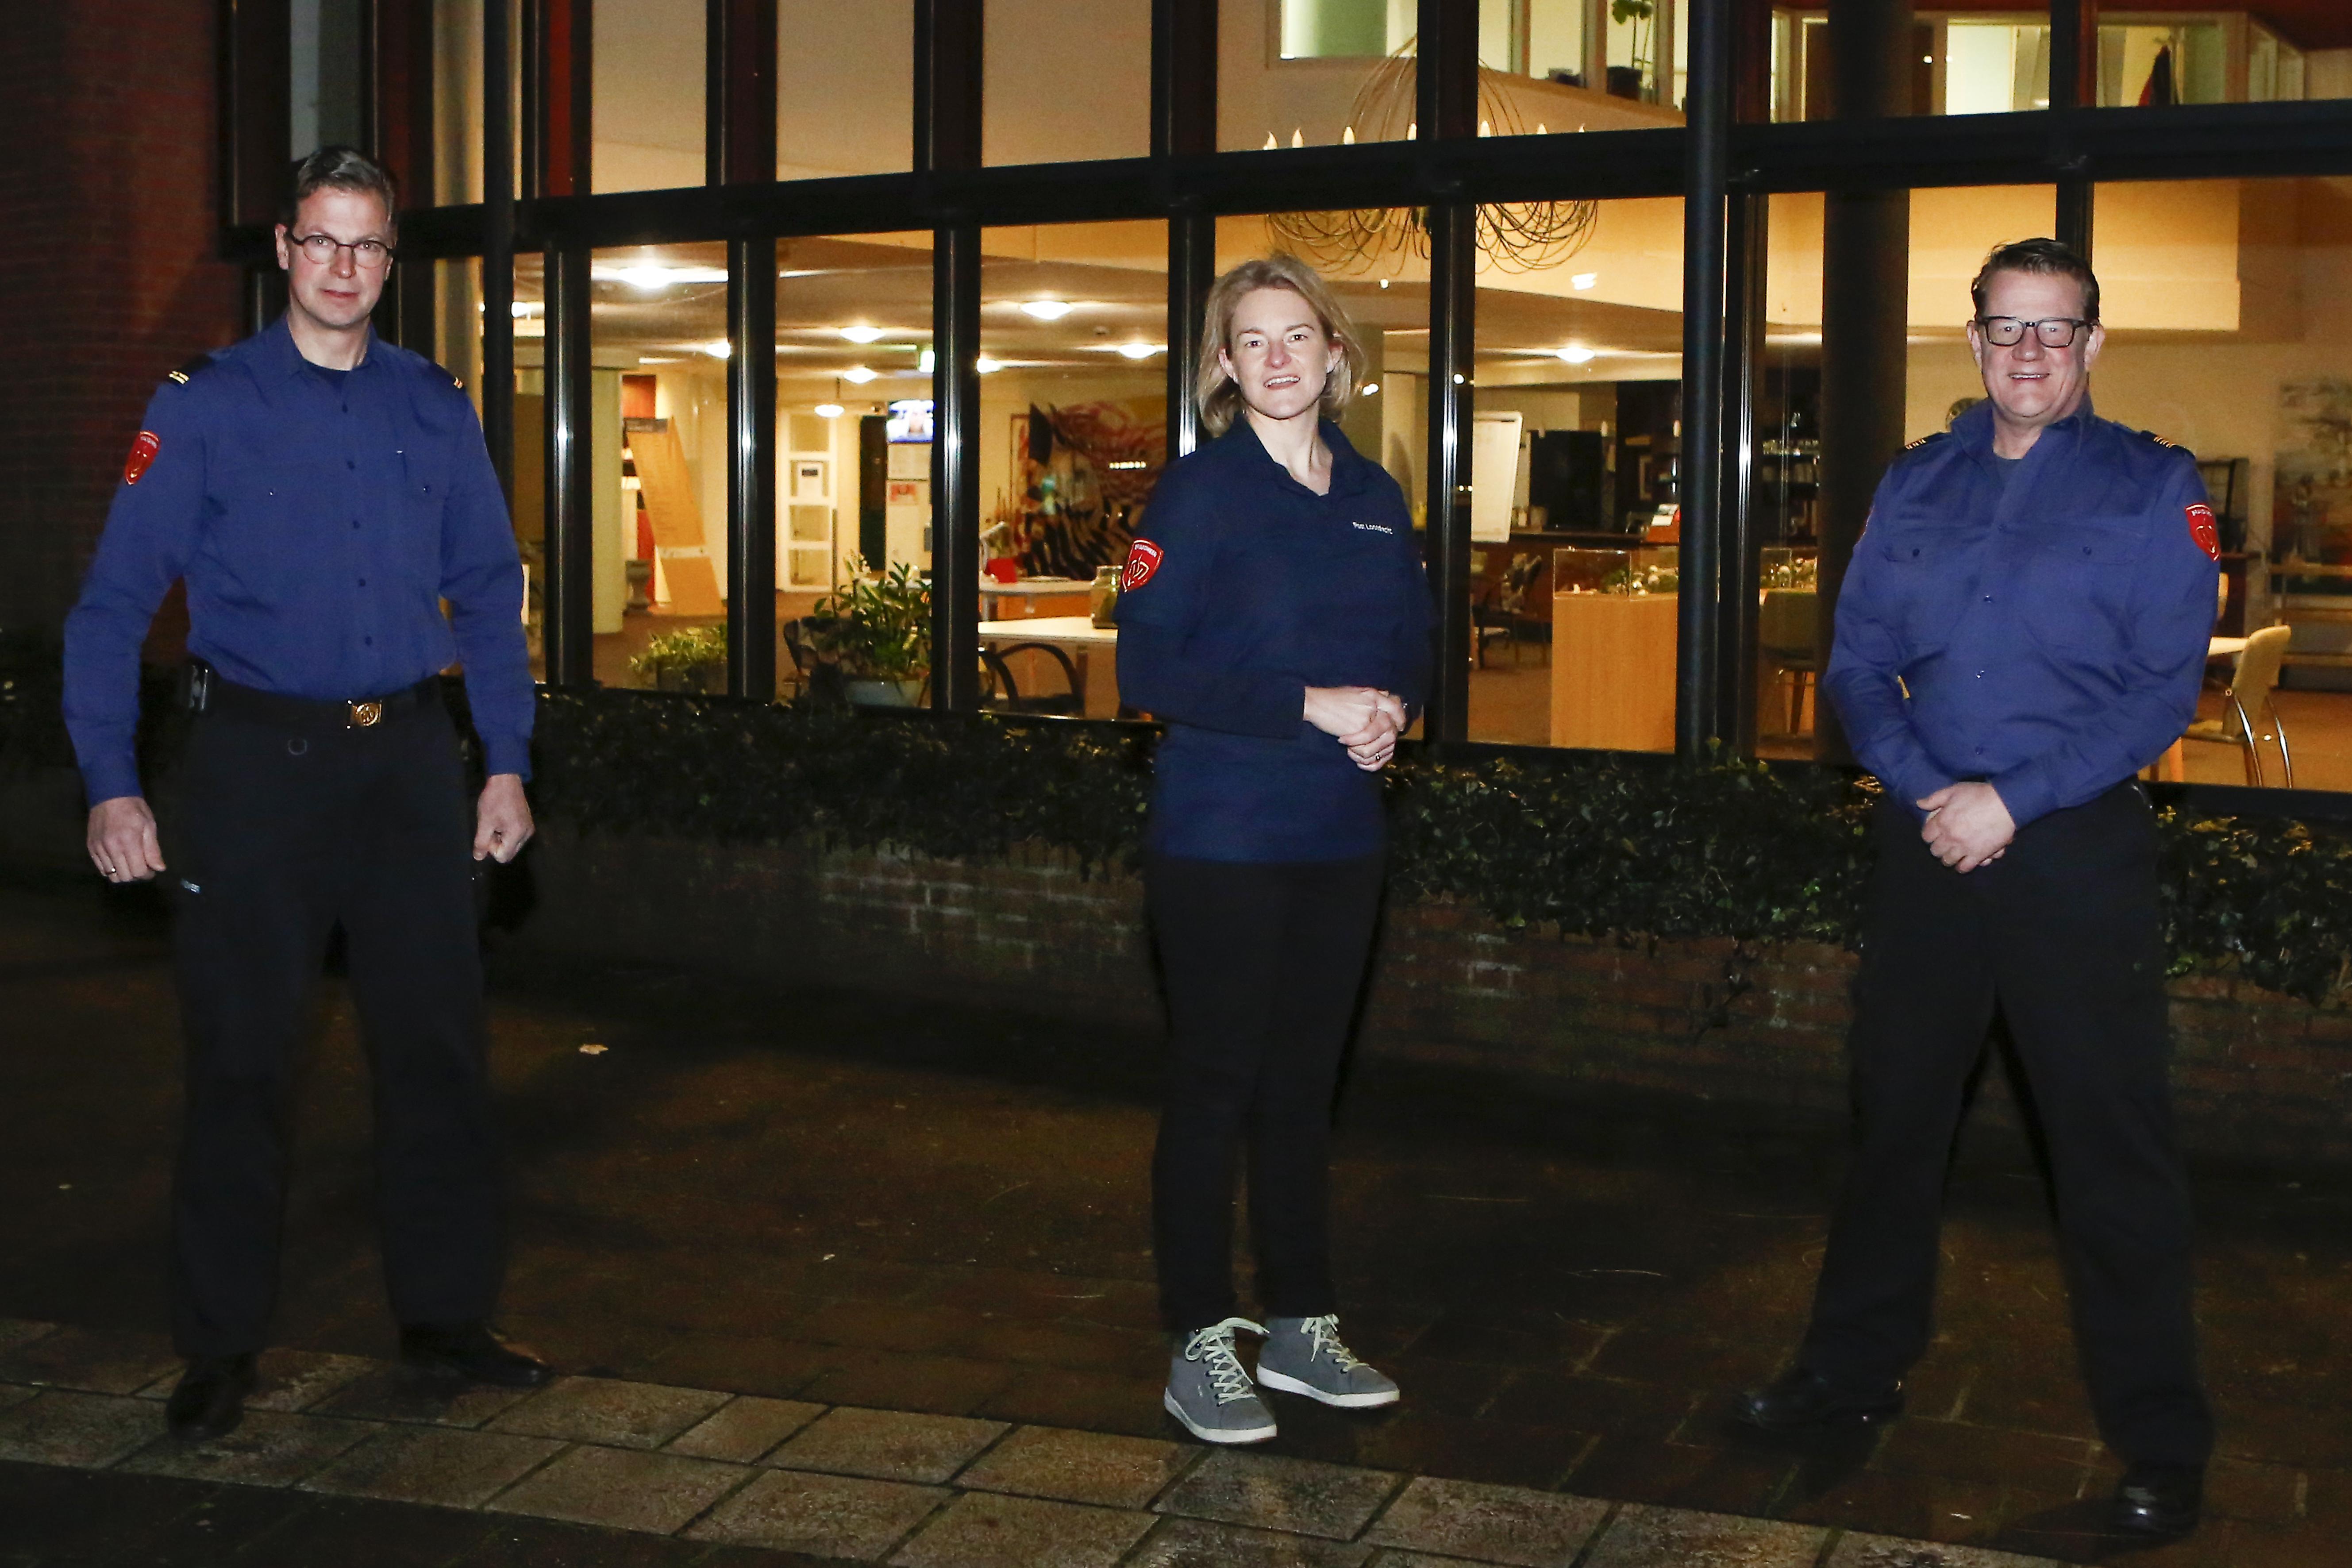 Dit zijn de brandweermensen die bijspringen in Hilversums verpleeghuis Gooiers Erf. Maarten, Johan en Christel schenken koffie voor de bewoners. 'Diepe bewondering voor het personeel'